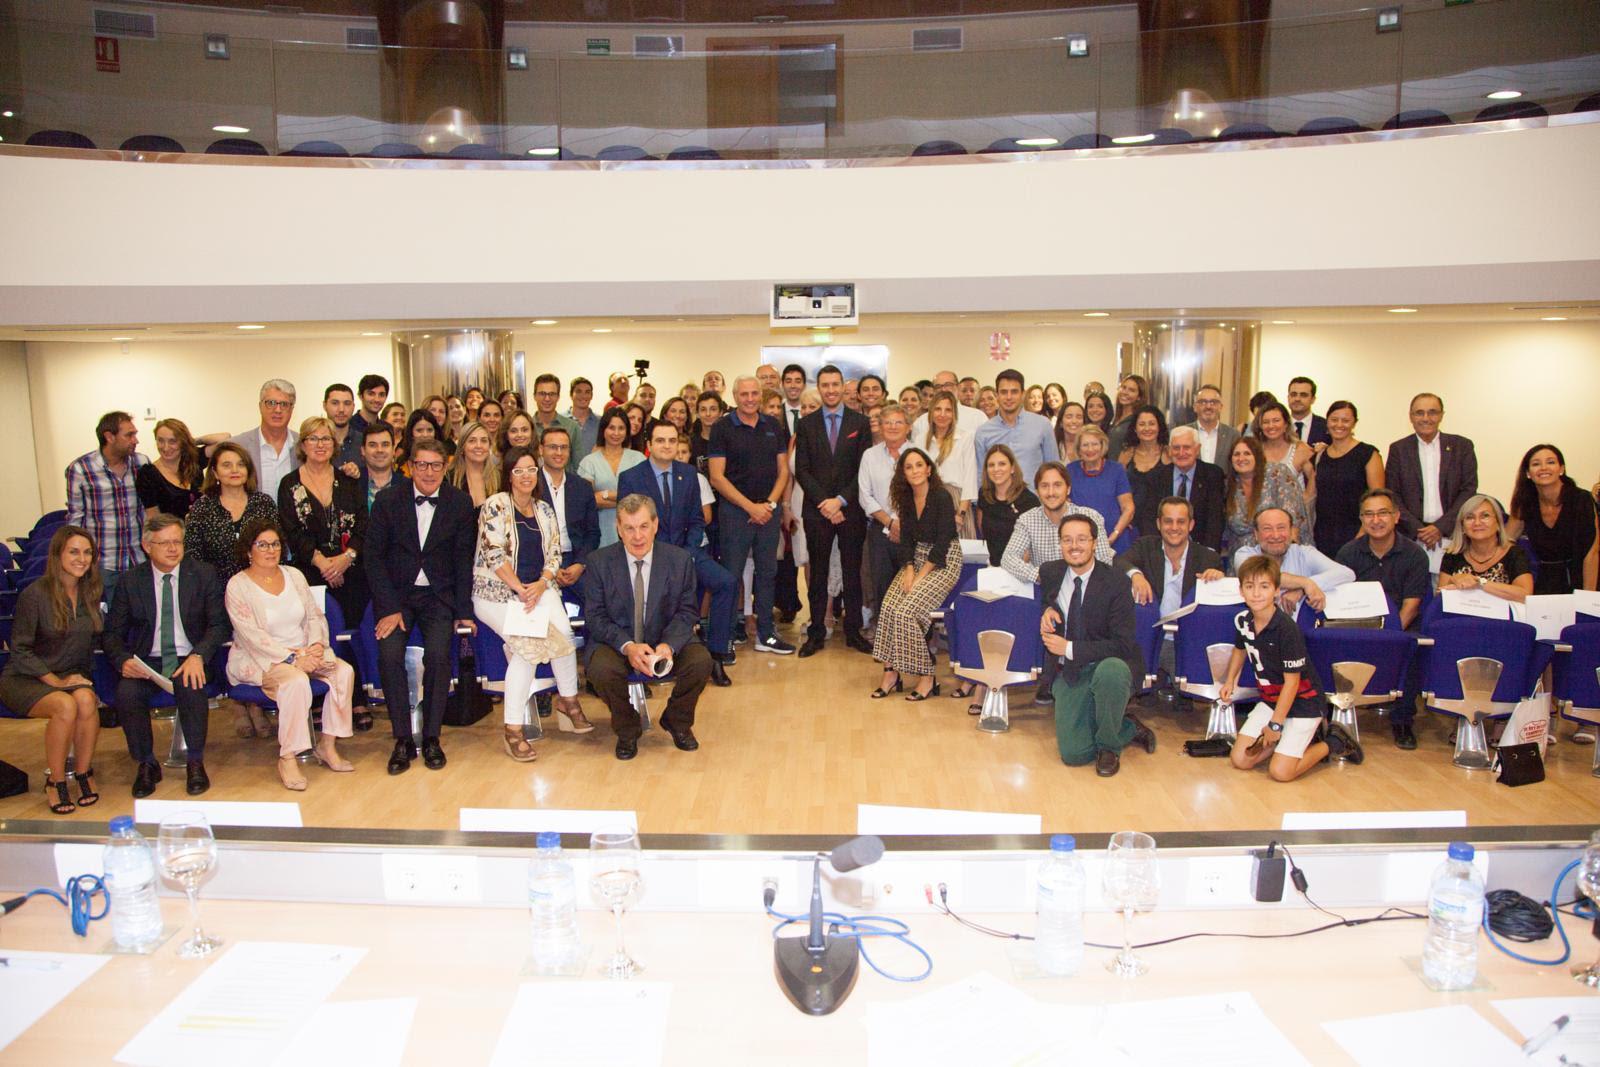 Representantes del CODECS arroparon al Centro de Estudios en la apertura de su curso científico.